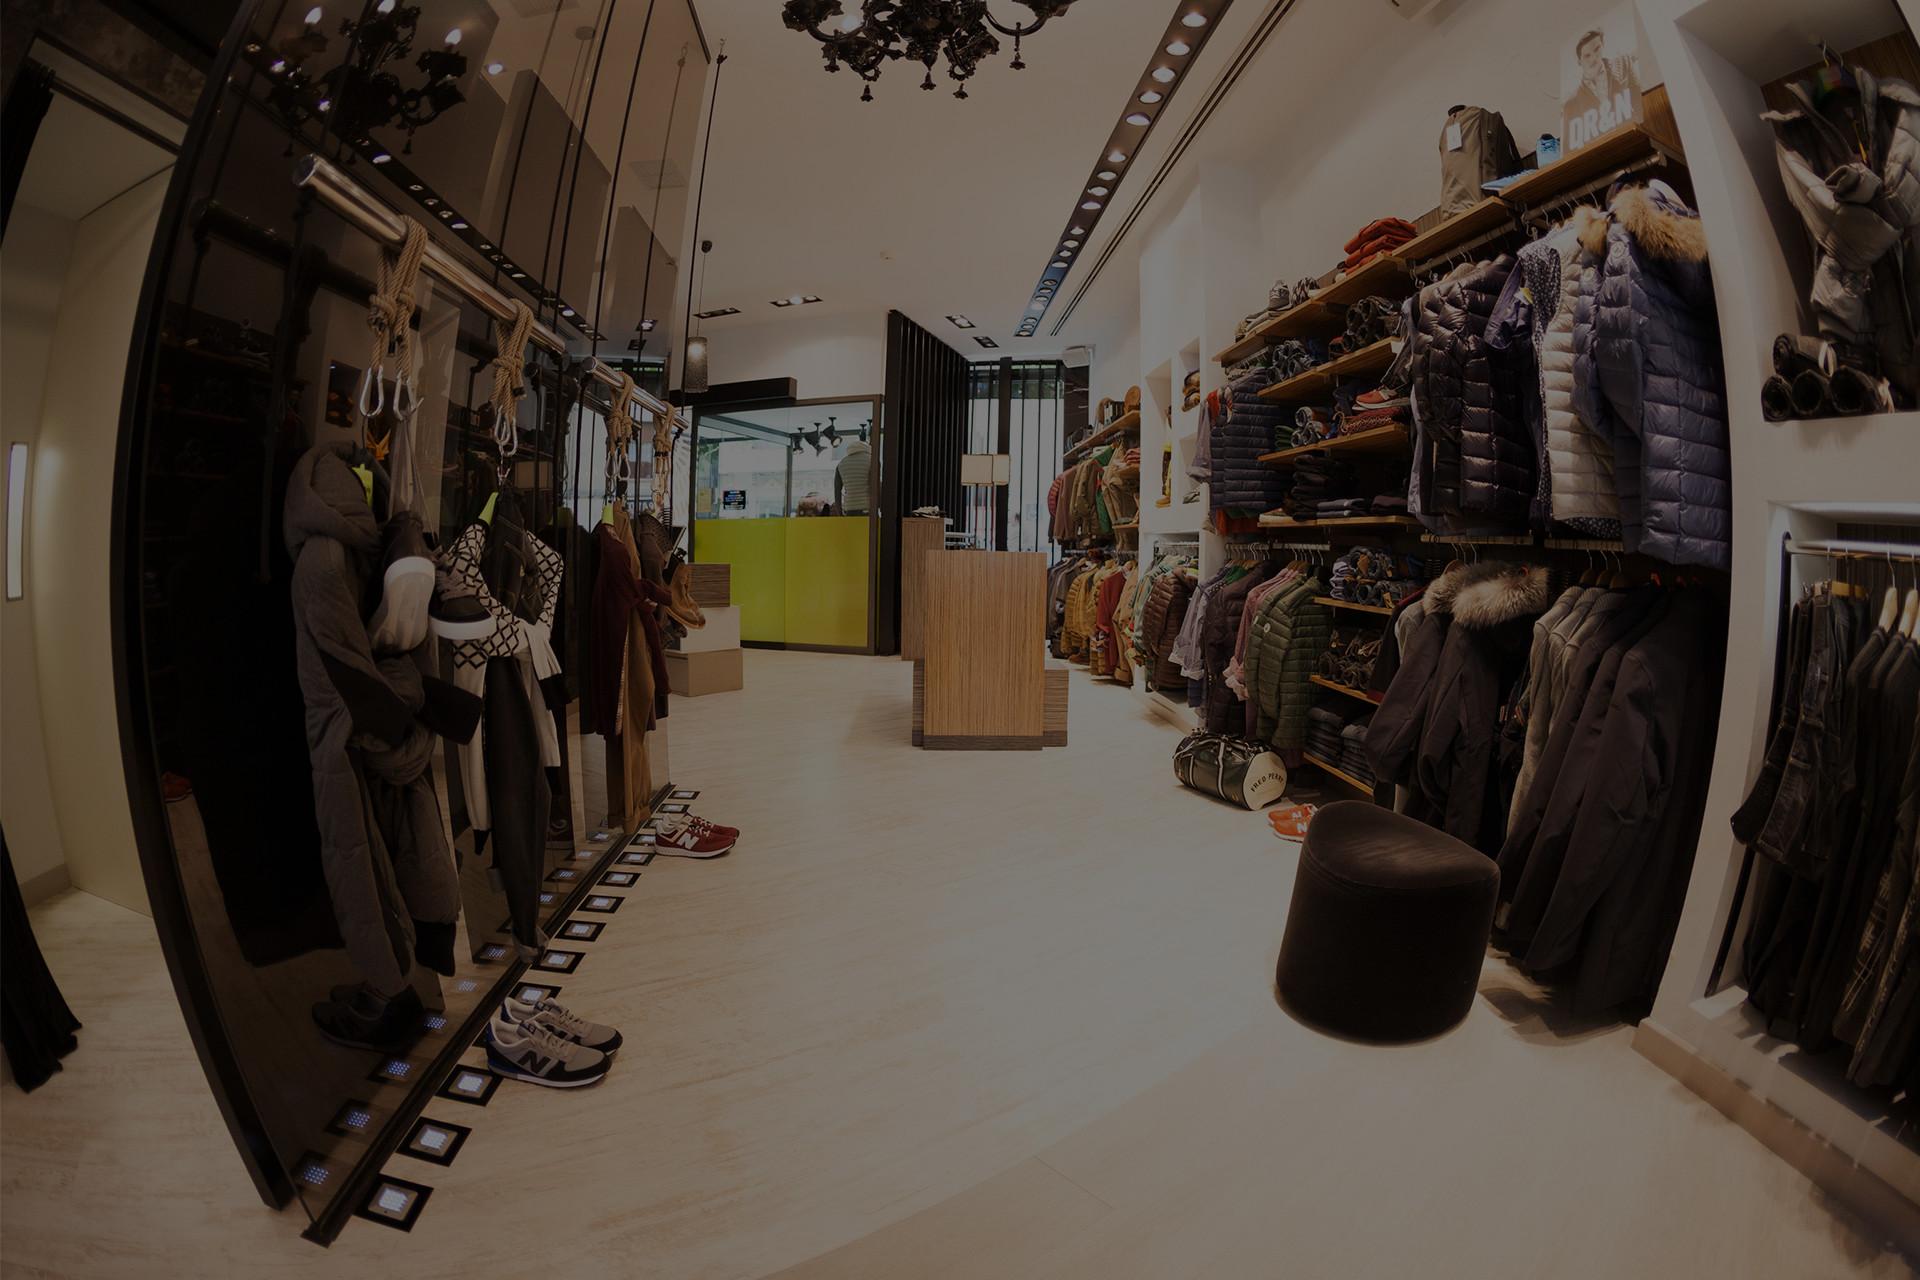 Descubre nuestras tiendas